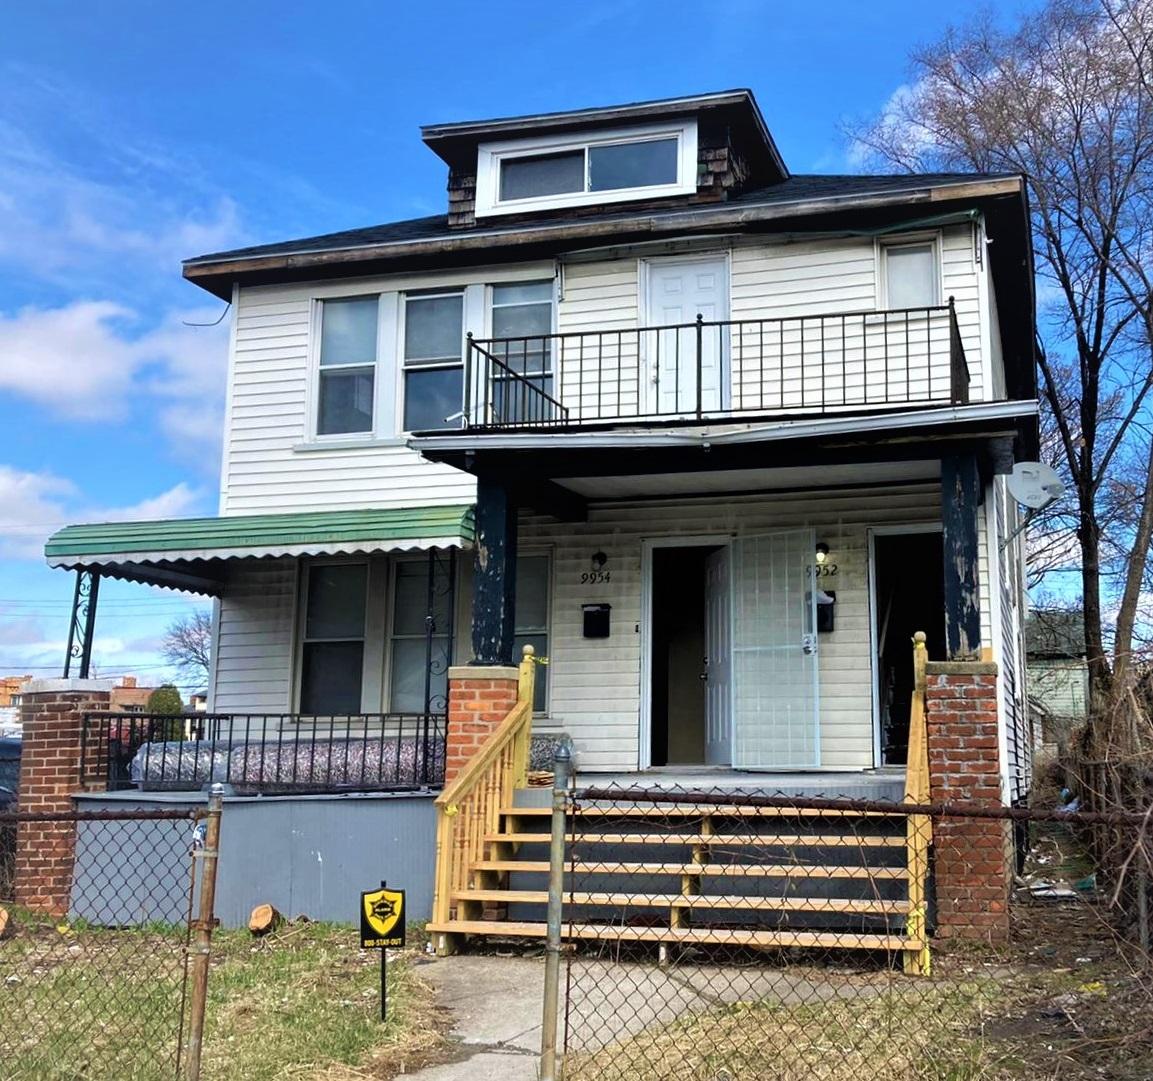 Foto de 9952 Cascade St. , Detroit, MI, 48204